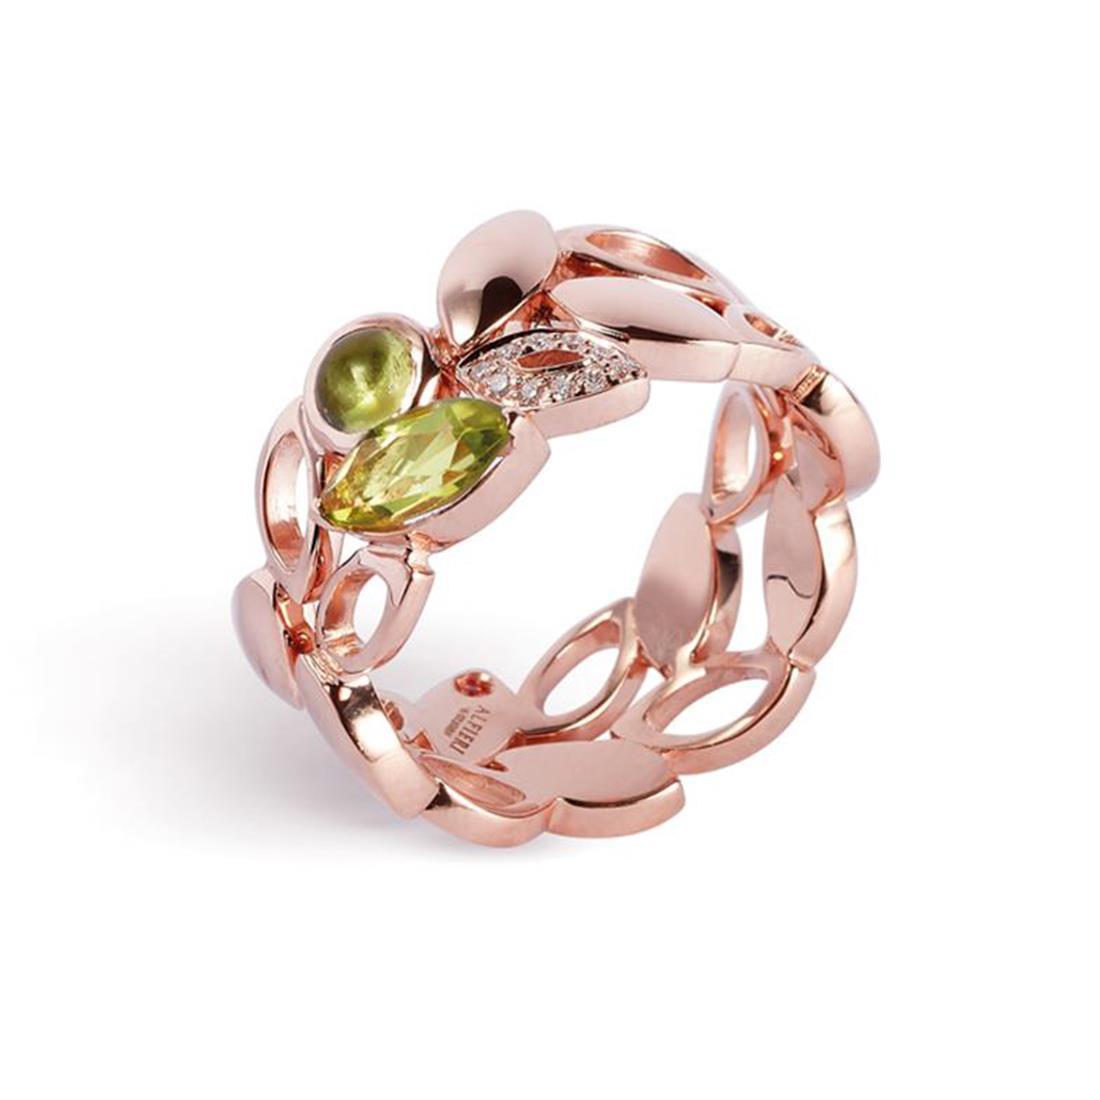 Anello in oro rosa con peridoto e diamanti  - ALFIERI & ST.JOHN